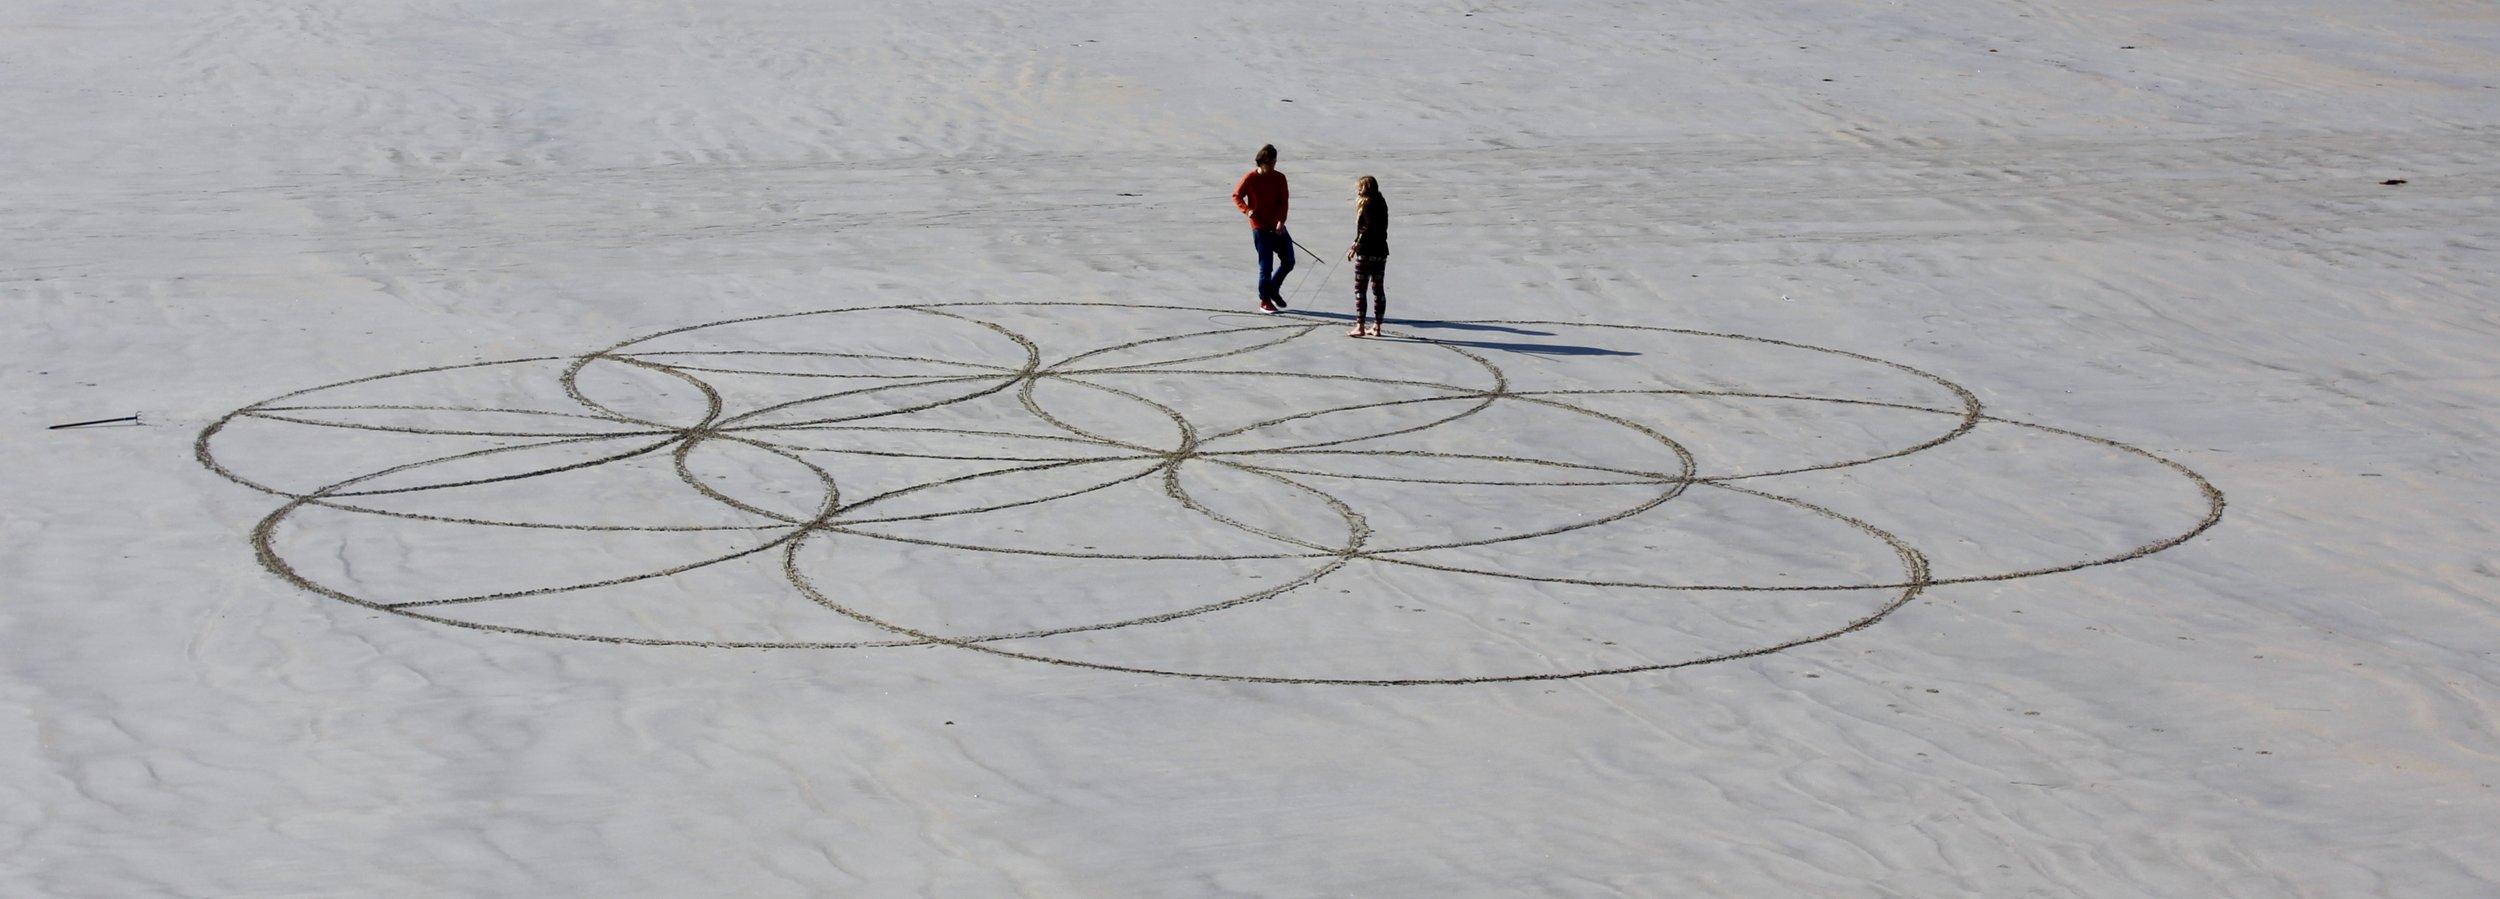 Beach art in Dinard